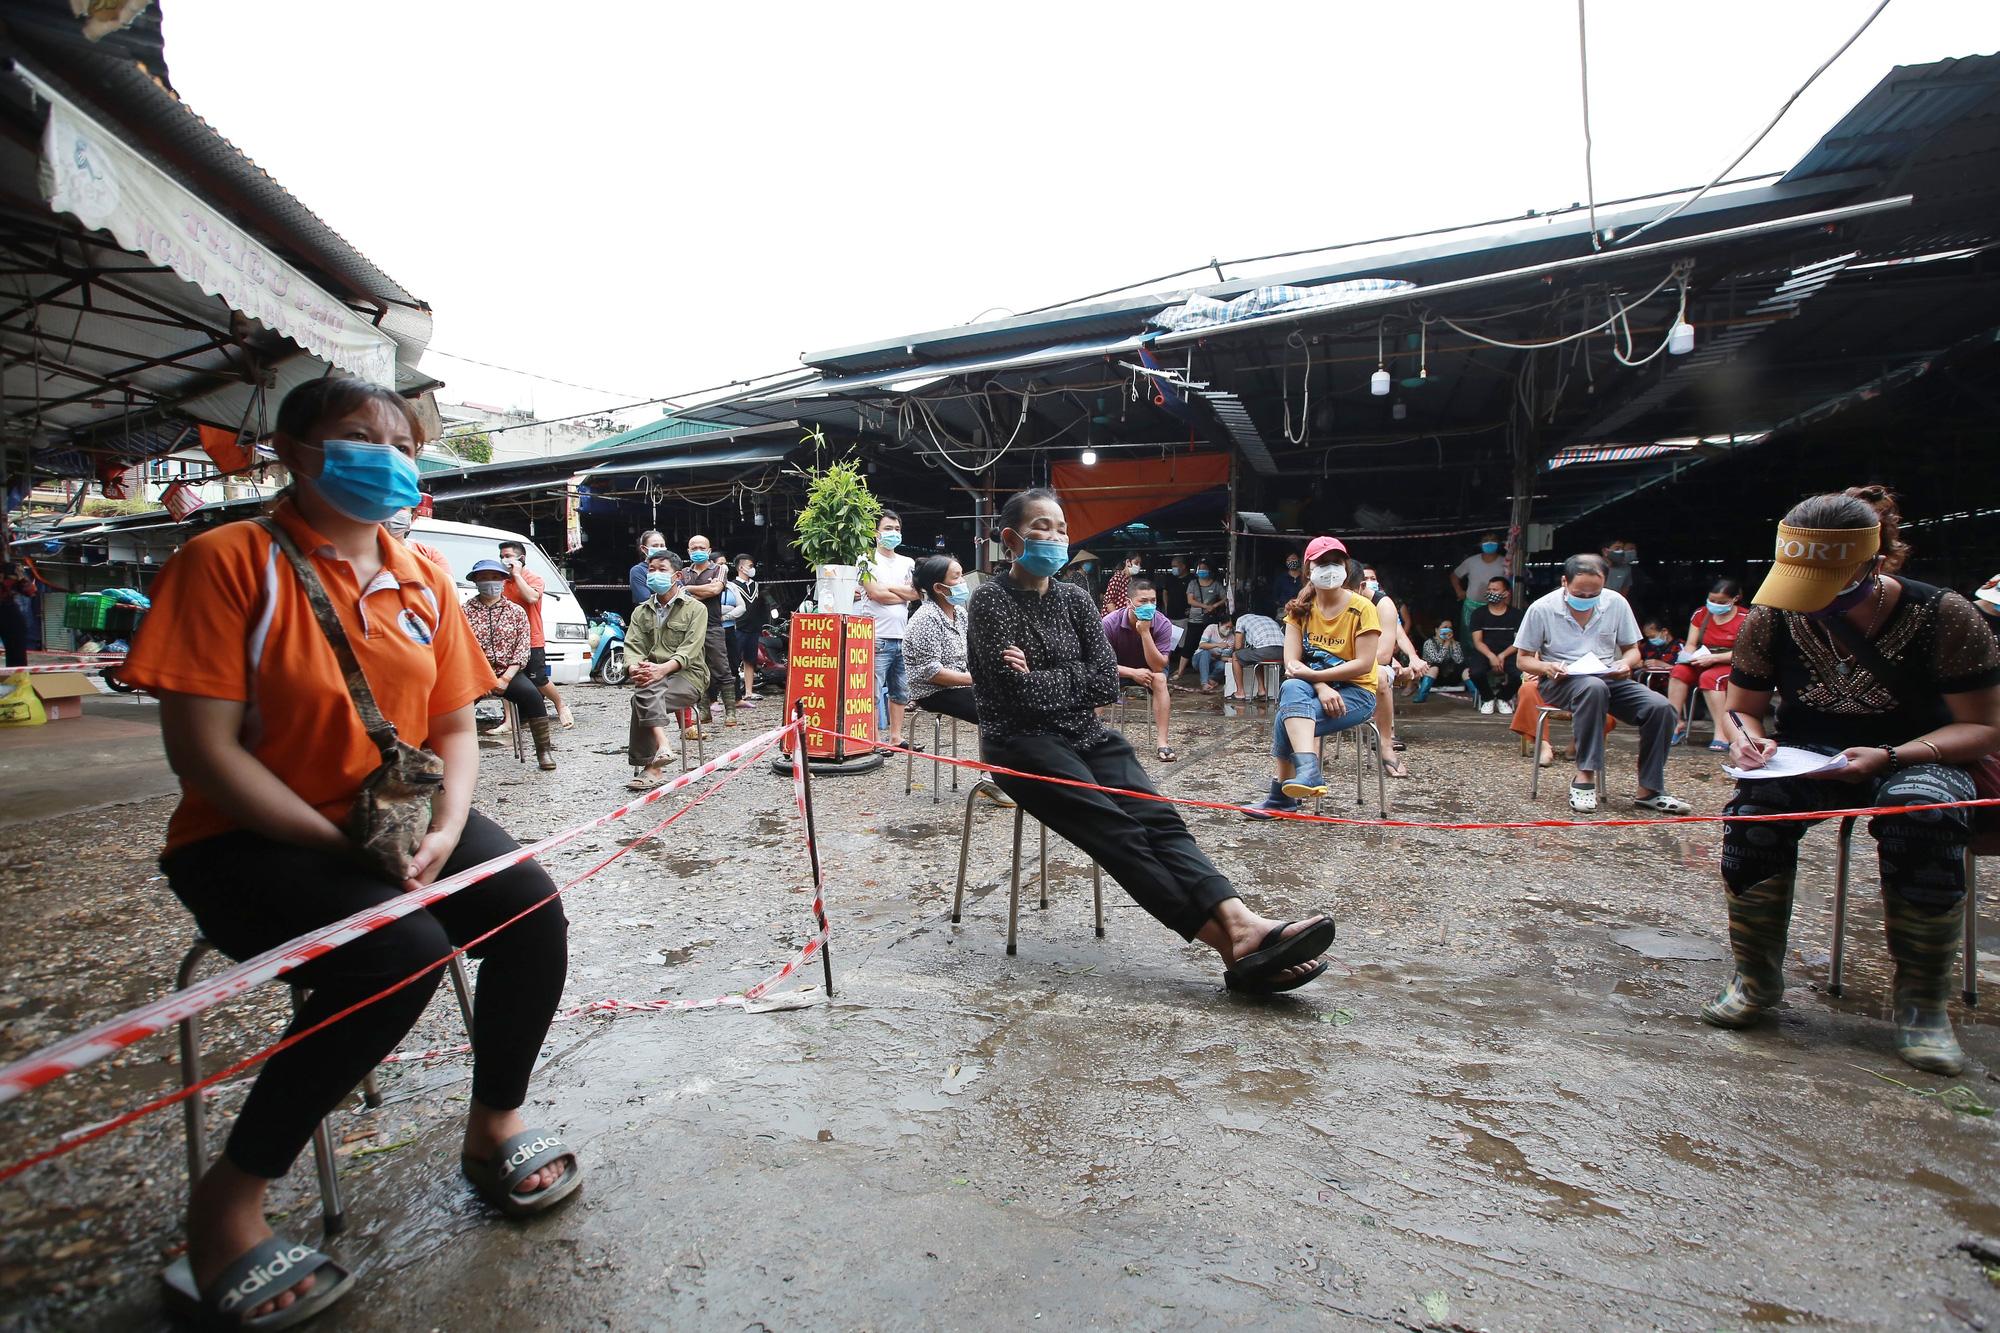 Hà Nội: Tạm dừng hoạt động chợ Phùng Khoang, xét nghiệm hàng trăm tiểu thương sau khi người bán rau nhiễm Covid-19 - Ảnh 2.